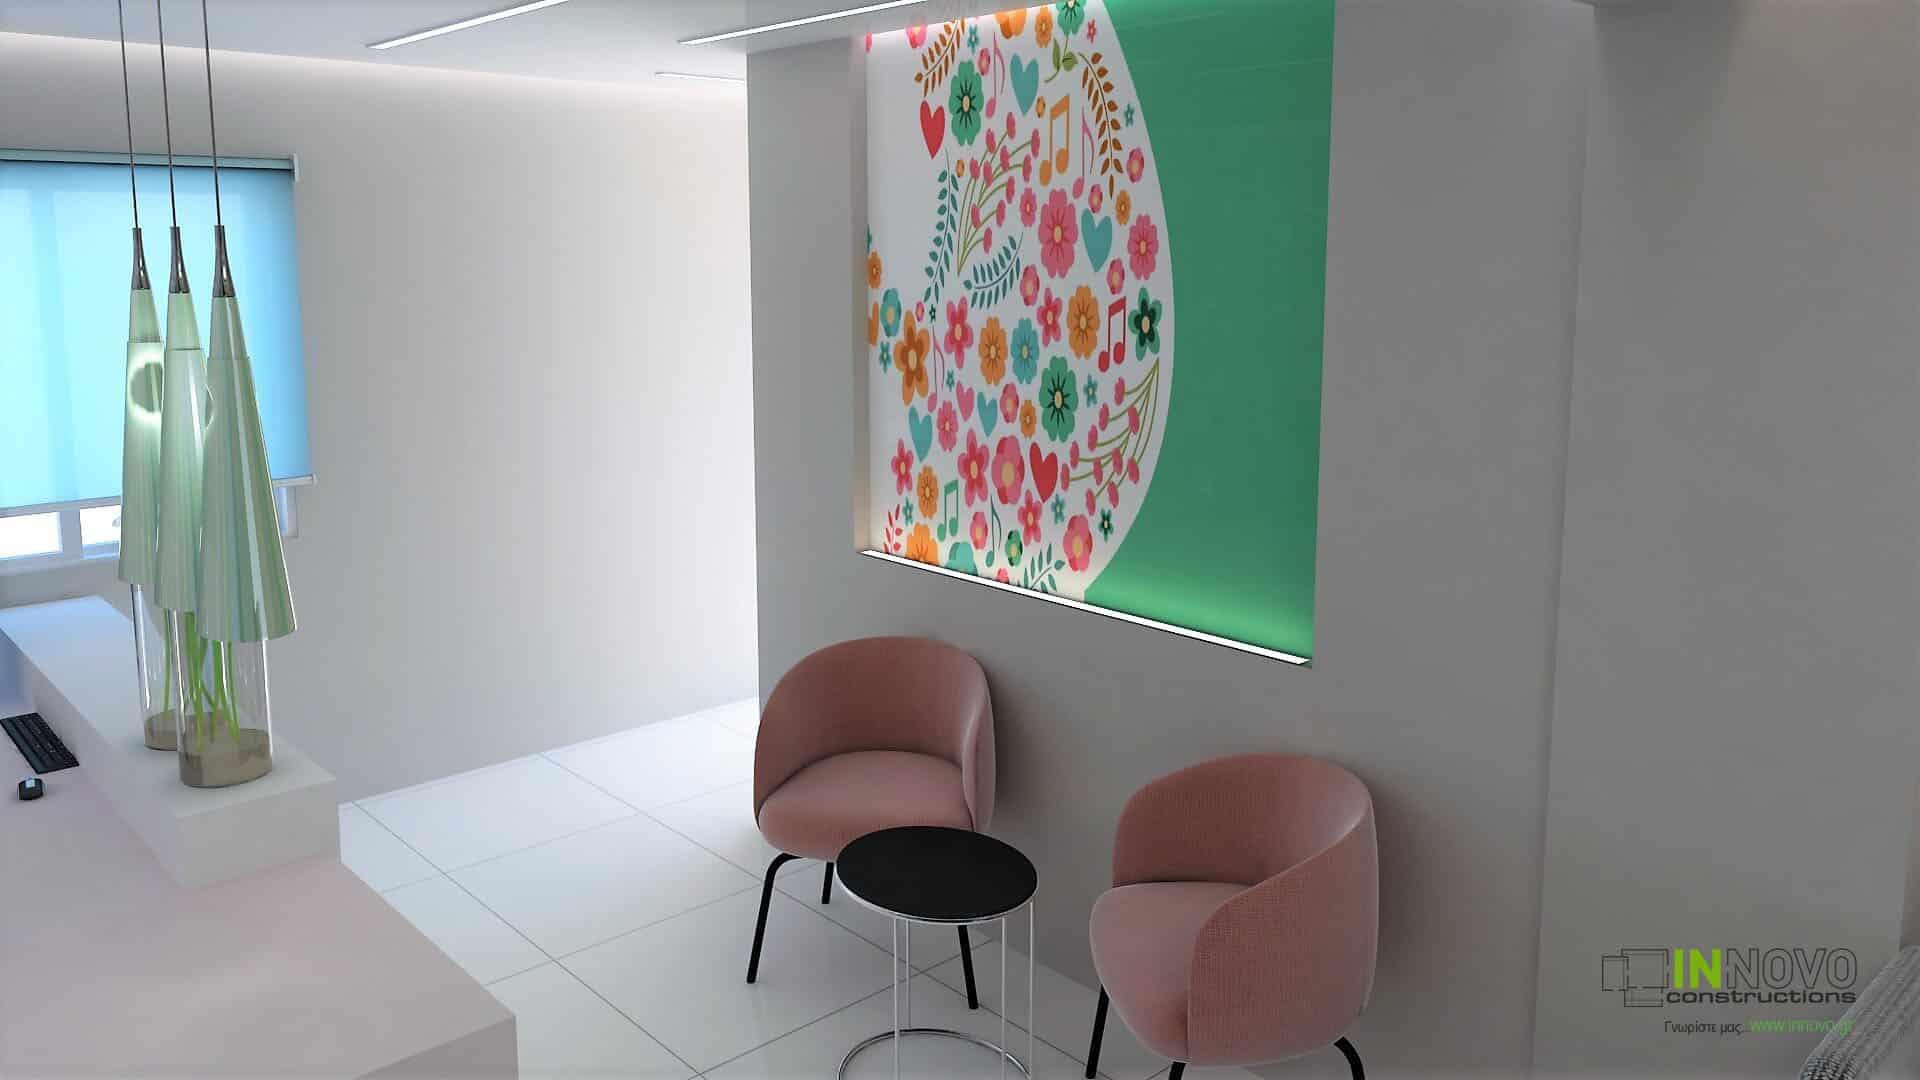 Σχεδιασμός διακόσμησης γυναικολογικού ιατρείου